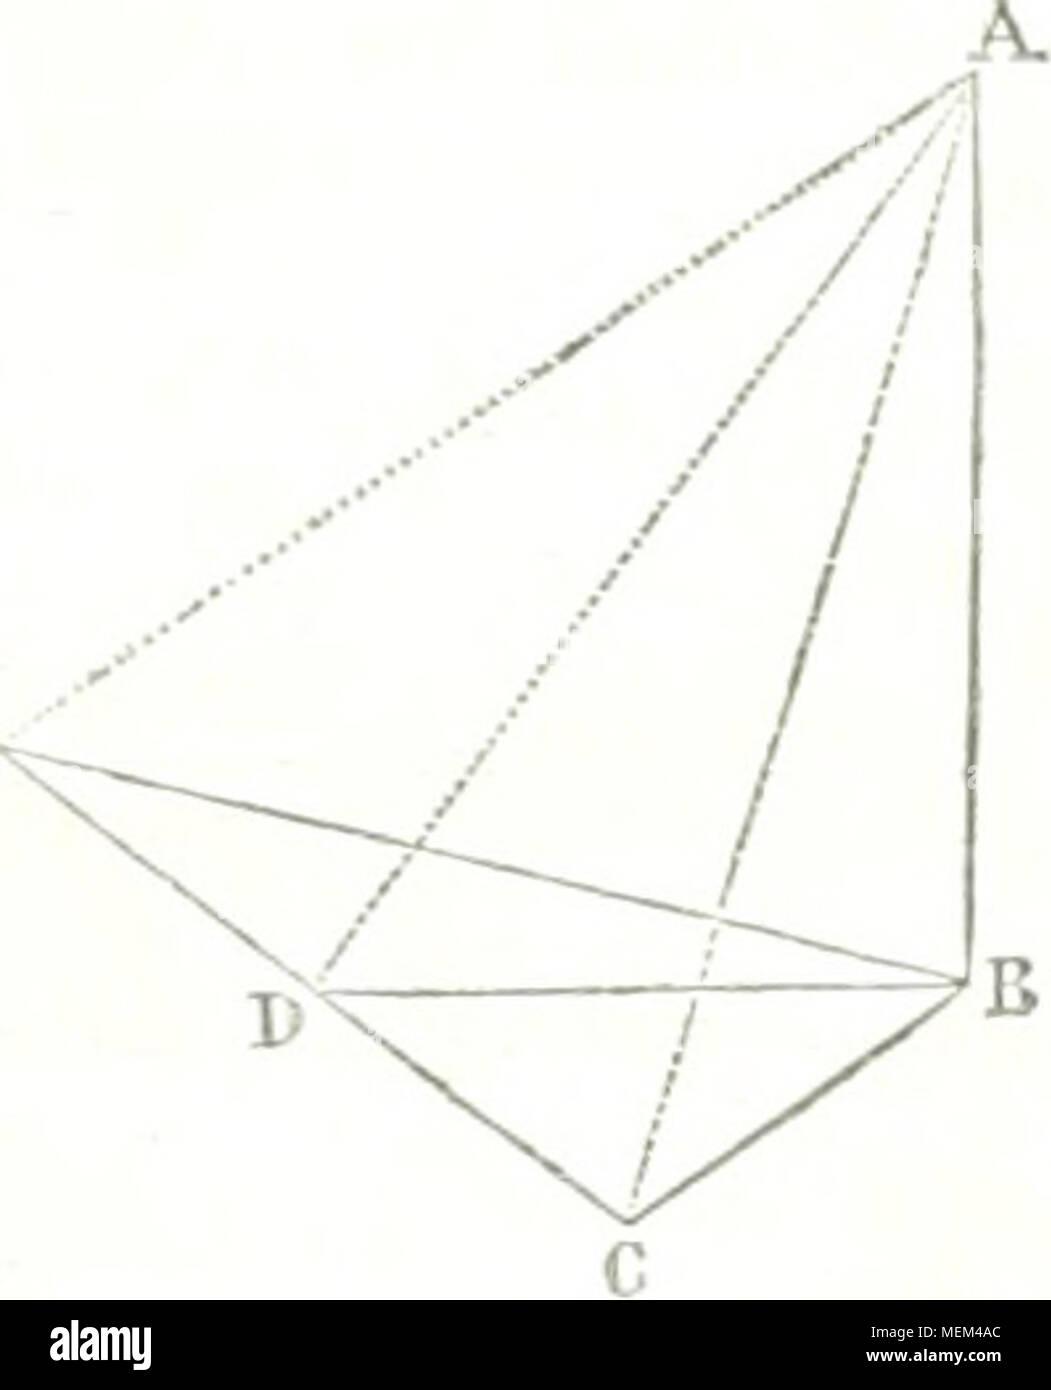 """. Dictionnaire des sciences mathématiques pures et appliquées . AB=: /( 0 cot 2a -}- </ cot ibâ D cot ne) ' dans laquelle on a D=EC, f/ = CD,, il-^, d-^, d*, d"""", d-"""", lie à sa base et à son sommet, et de retrancher le logaiilhme de la seconde hauteur observée de celui de la pre- mière. INIais CCS logarithmes ne sont pas ceux qu'on douve dans les tables; et il faut les y ramener poui ren- dre les calculs praticables. Or, pour passer d'ud sys- tème quelconque de logarithme à celui des tables, il faut déterminer son module {T'oy. Module), et Diiiiti- plier chaque logarithme pa Stock Photo"""